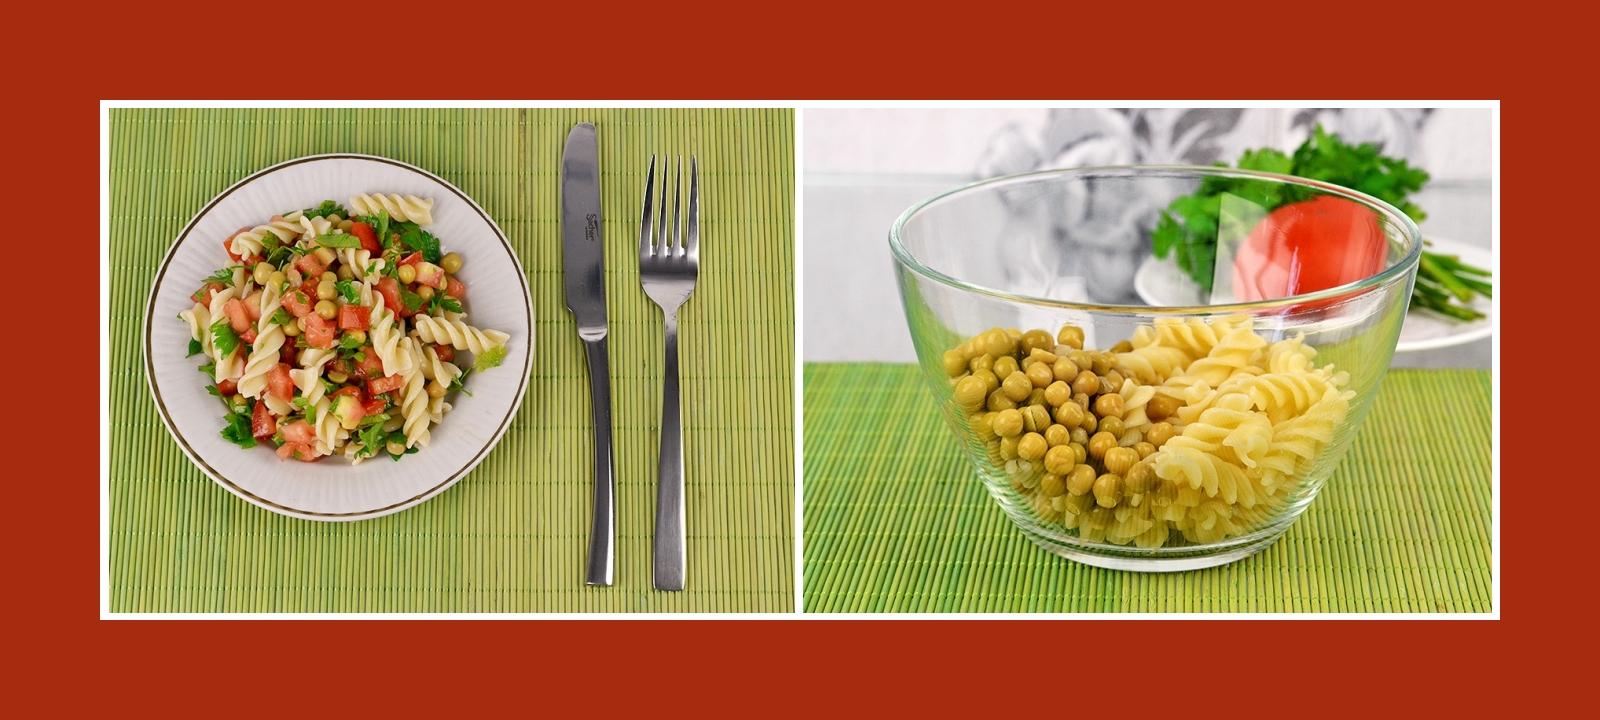 Salat aus Nudeln und konservierten Erbsen